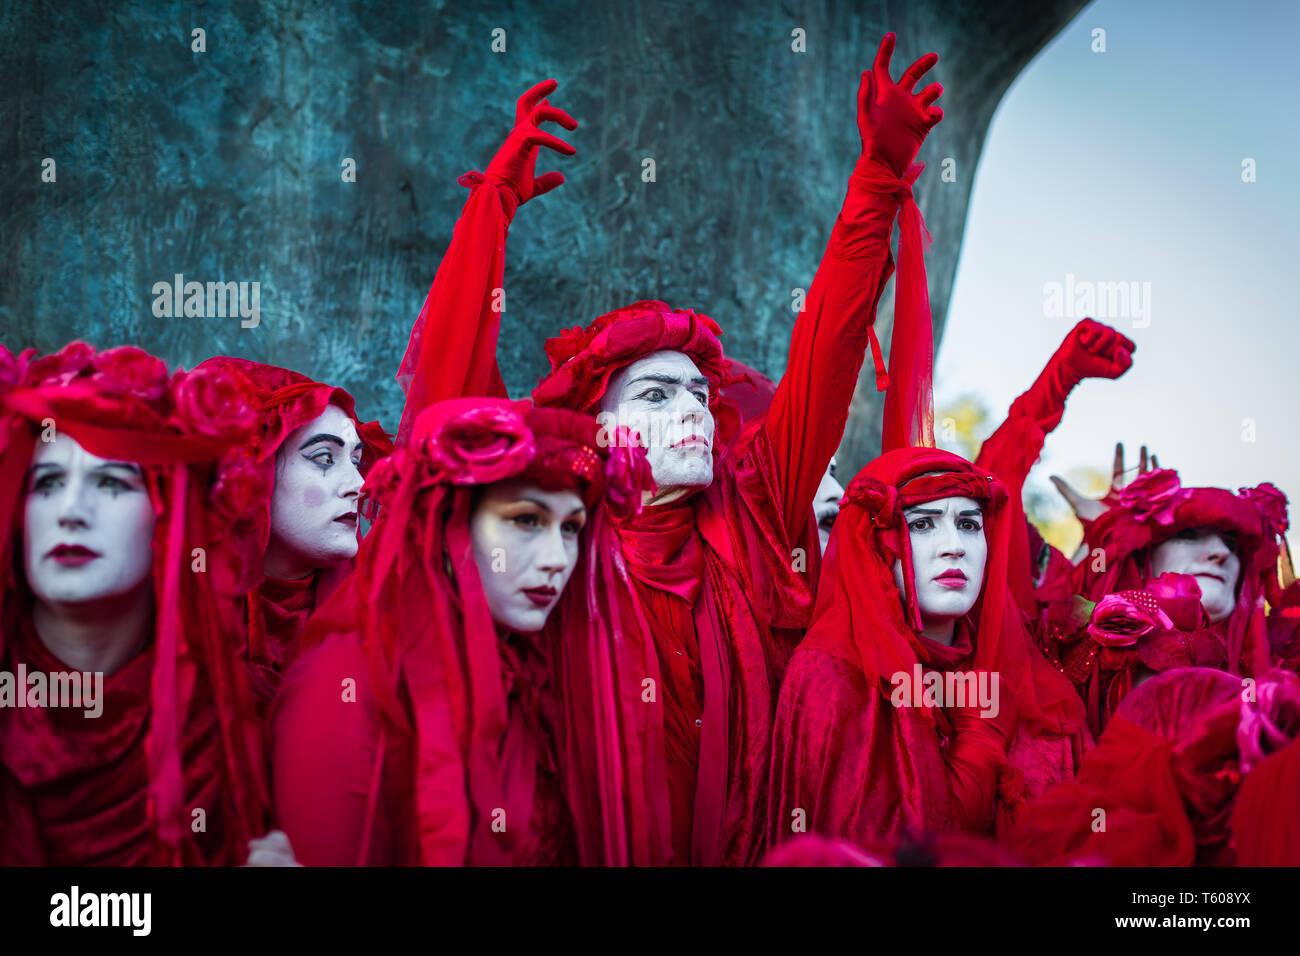 La Ribellione di estinzione attivista ambientale gruppo, la brigata rosso visto che protestavano a Marble Arch, il 25 aprile 2019 a Londra Immagini Stock